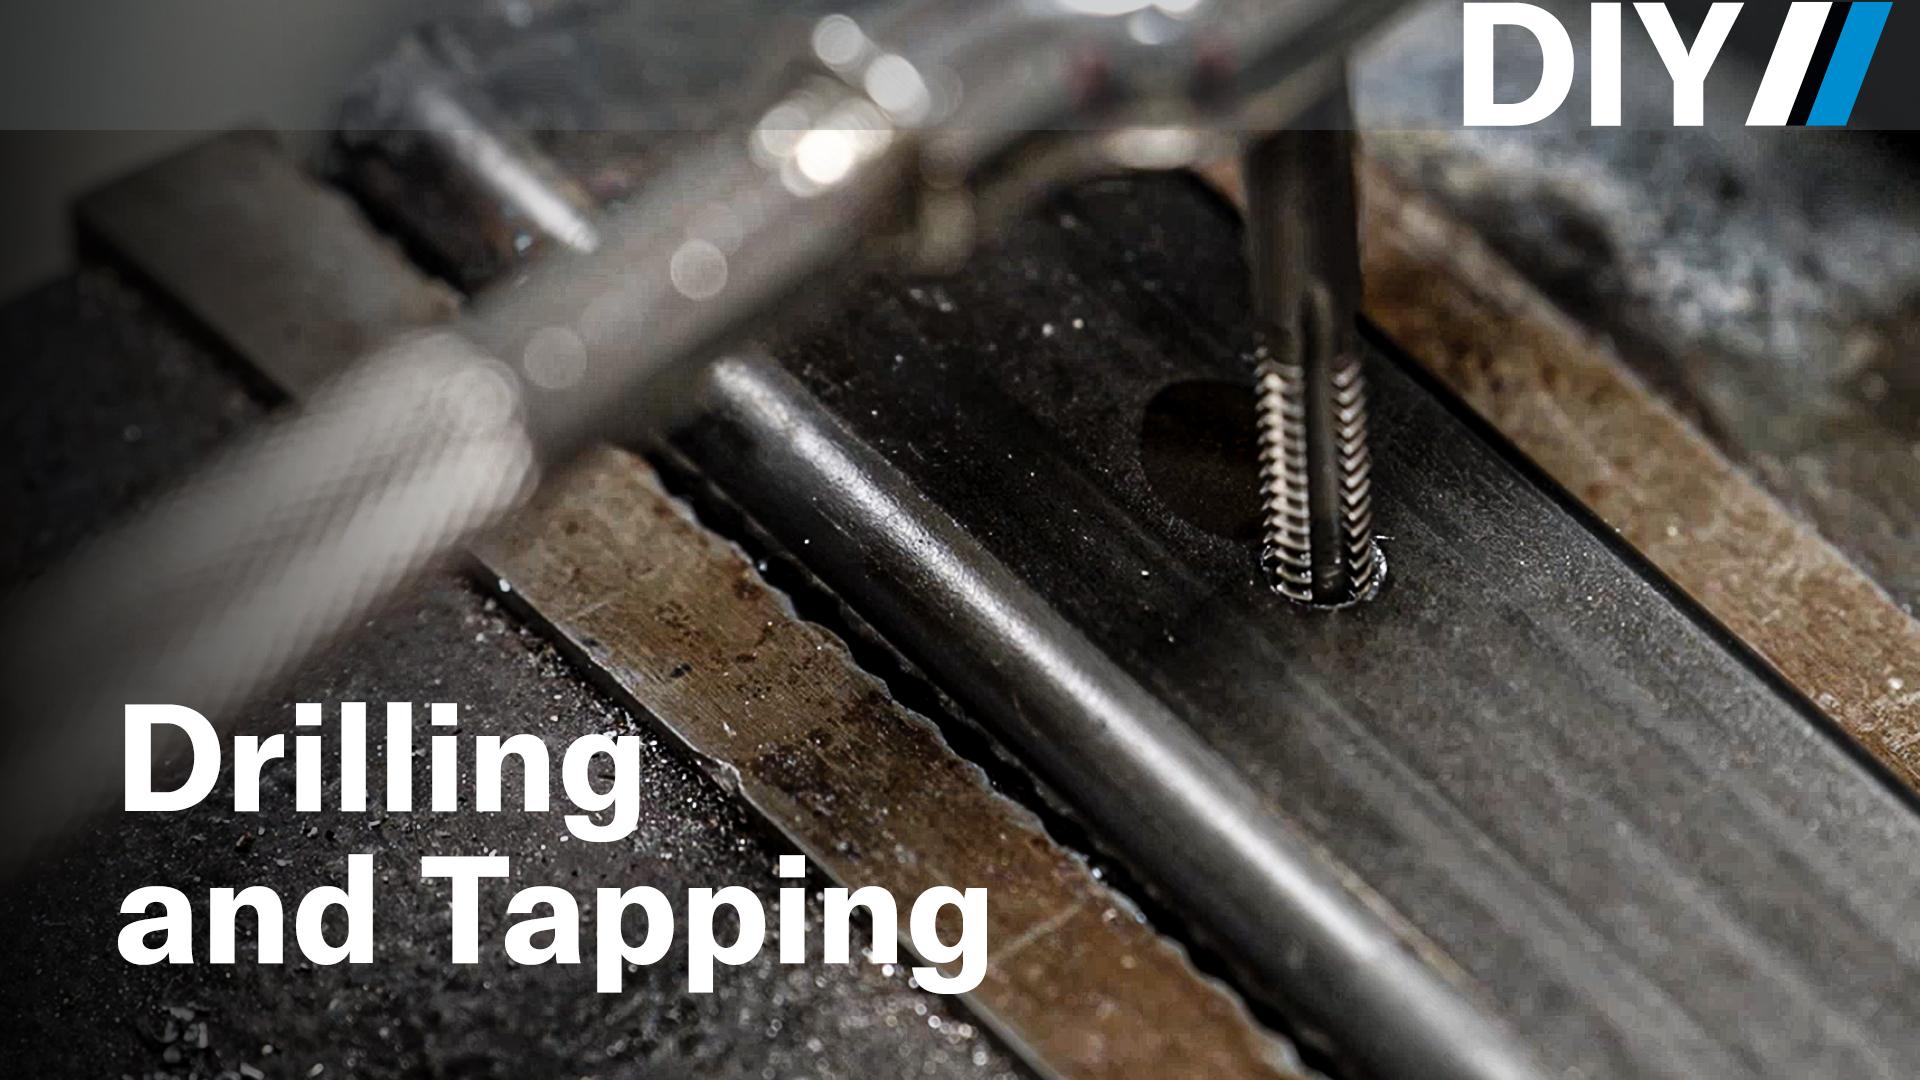 DIY Thumb drill